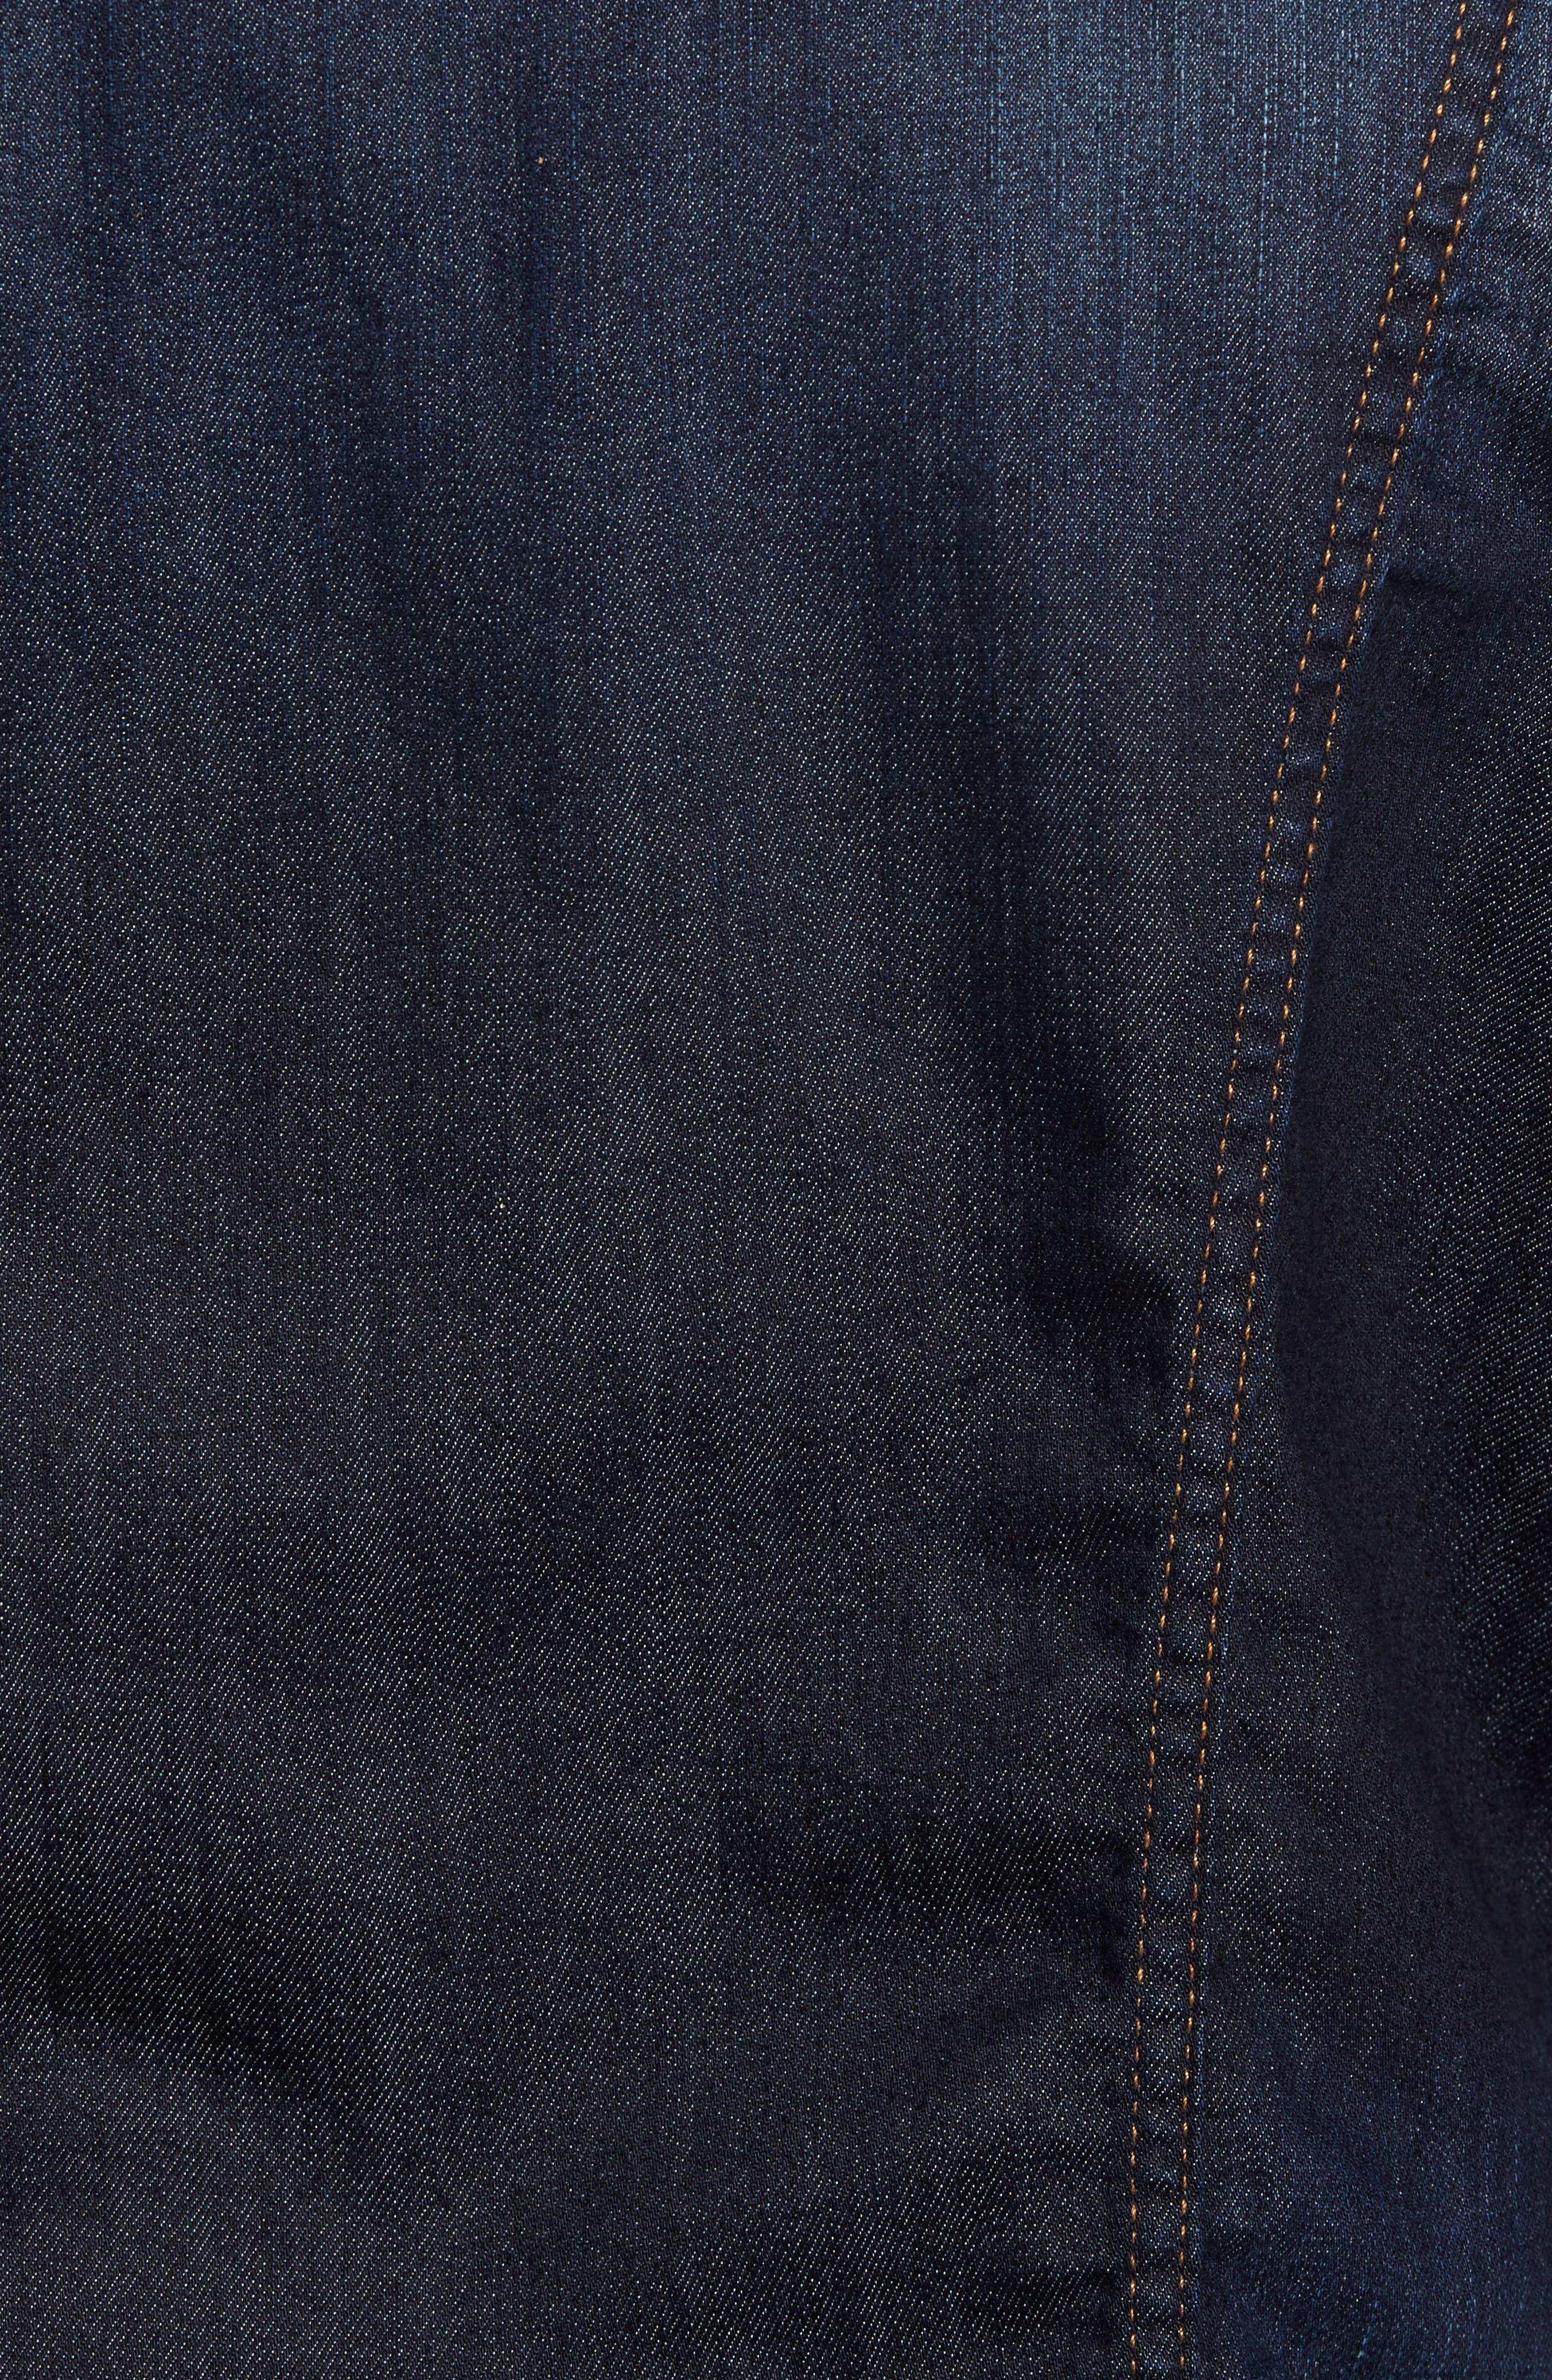 Denim Jacket,                             Alternate thumbnail 5, color,                             Melrose Vintage